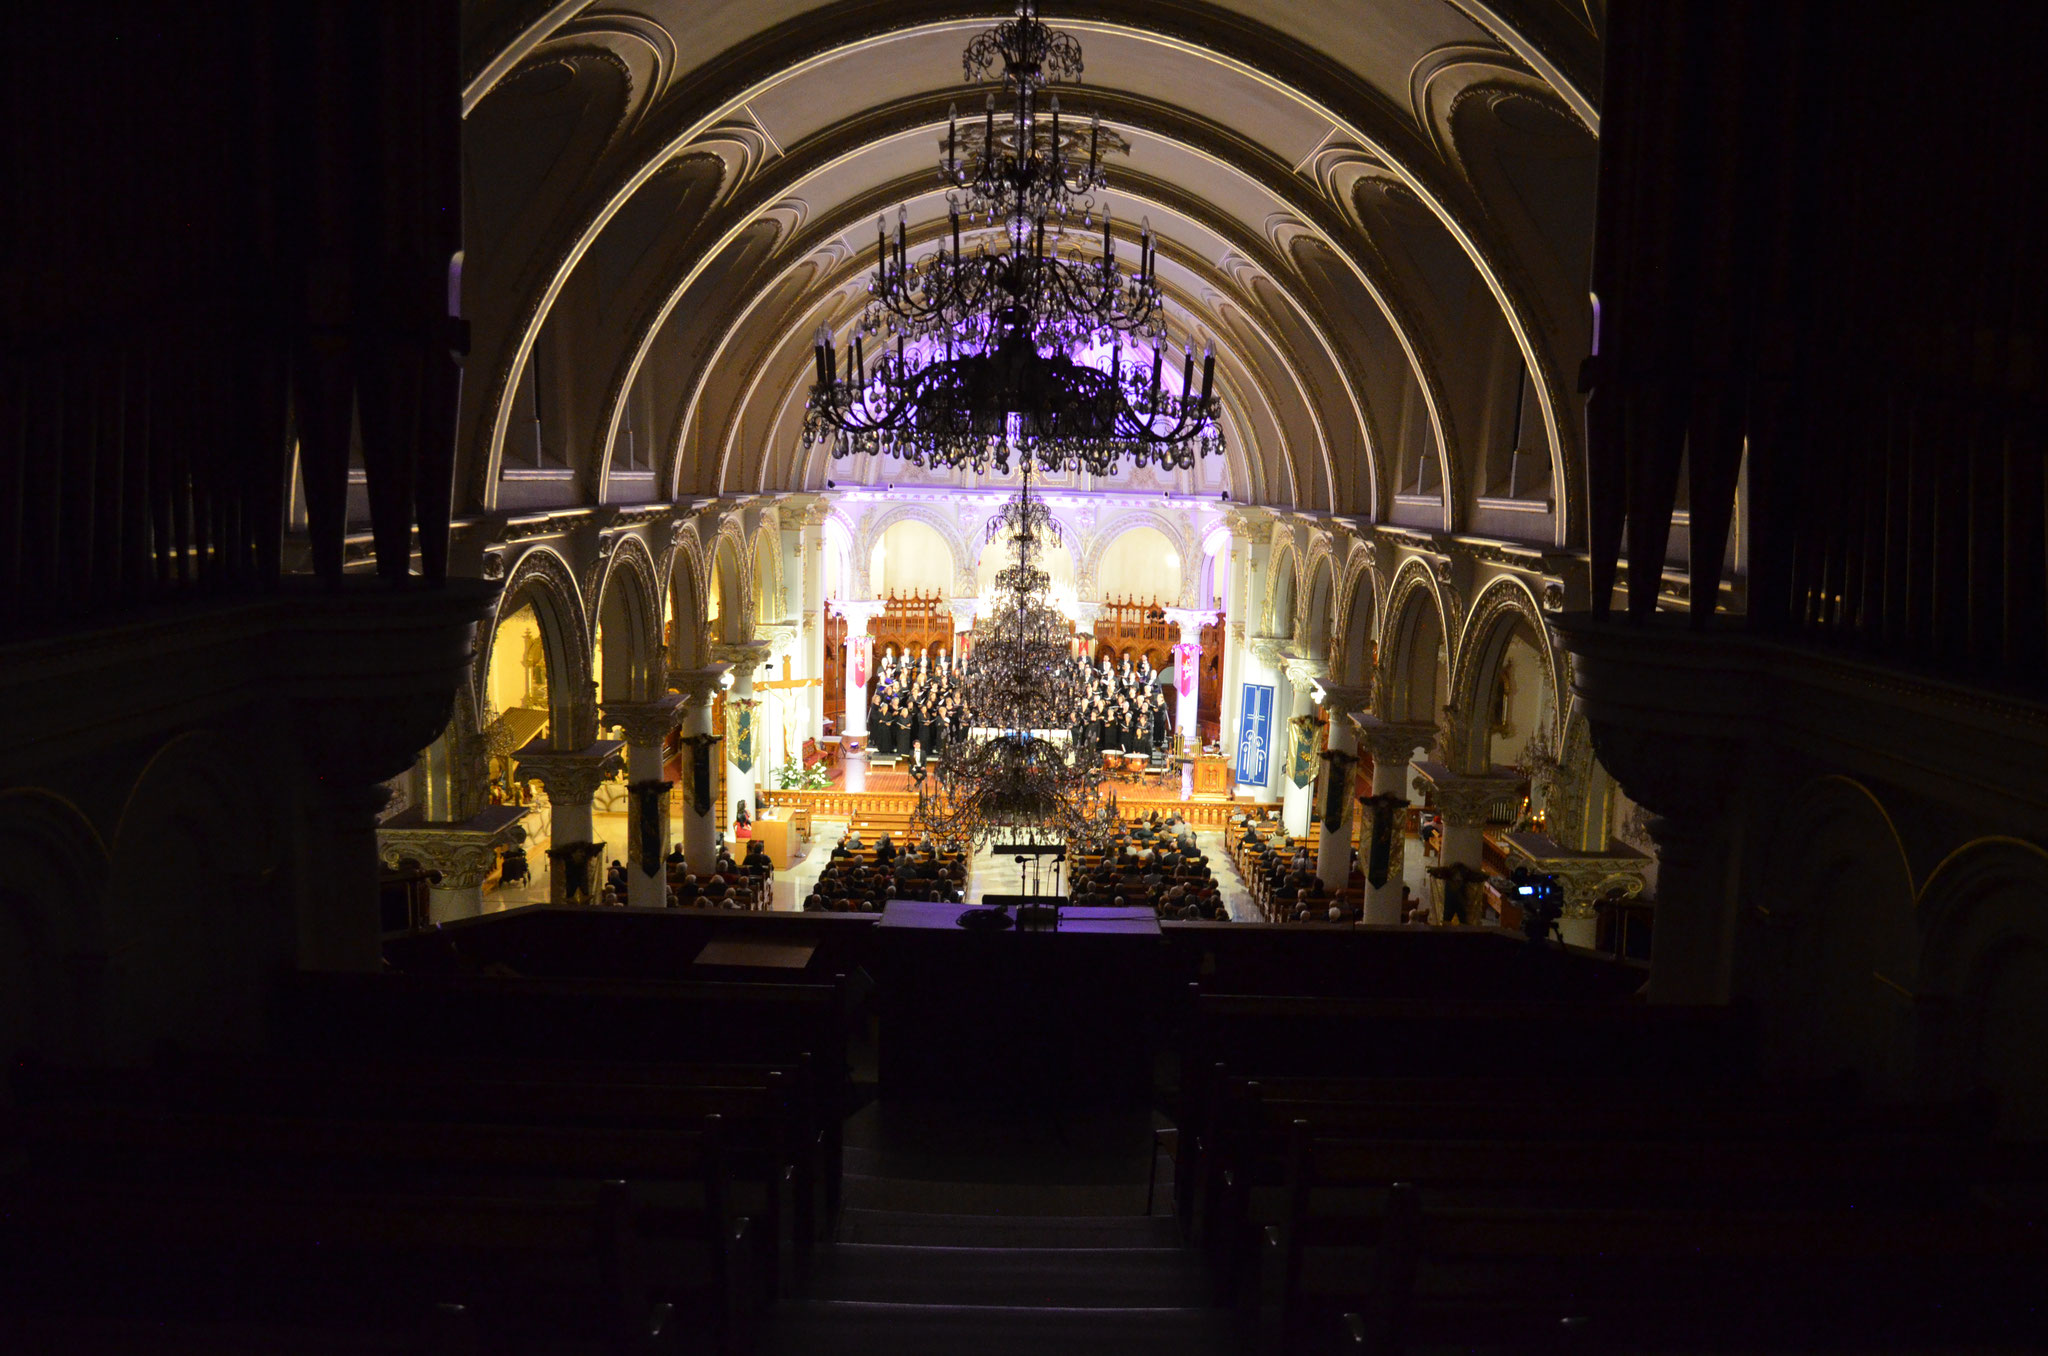 Et Les Chanteurs Ayant La Plus Grande Tessiture Vocale: Harmonie Vocale De Saint-Hyacinthe